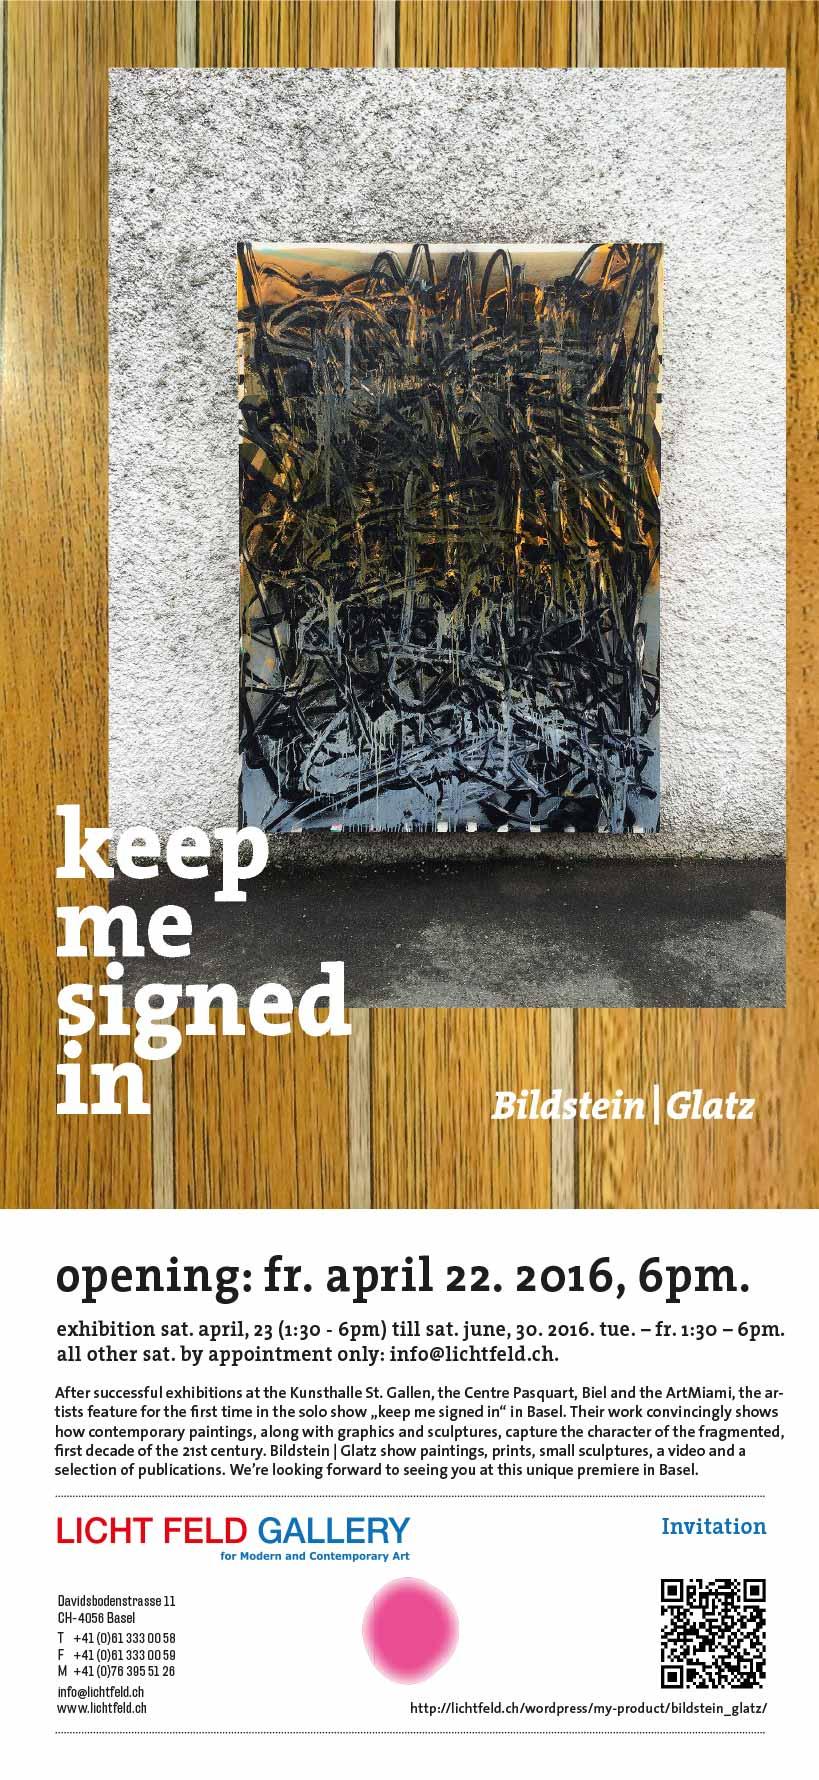 Exhibition Bildstein   Glatz @ LICHT FELD Gallery April 22, 2016